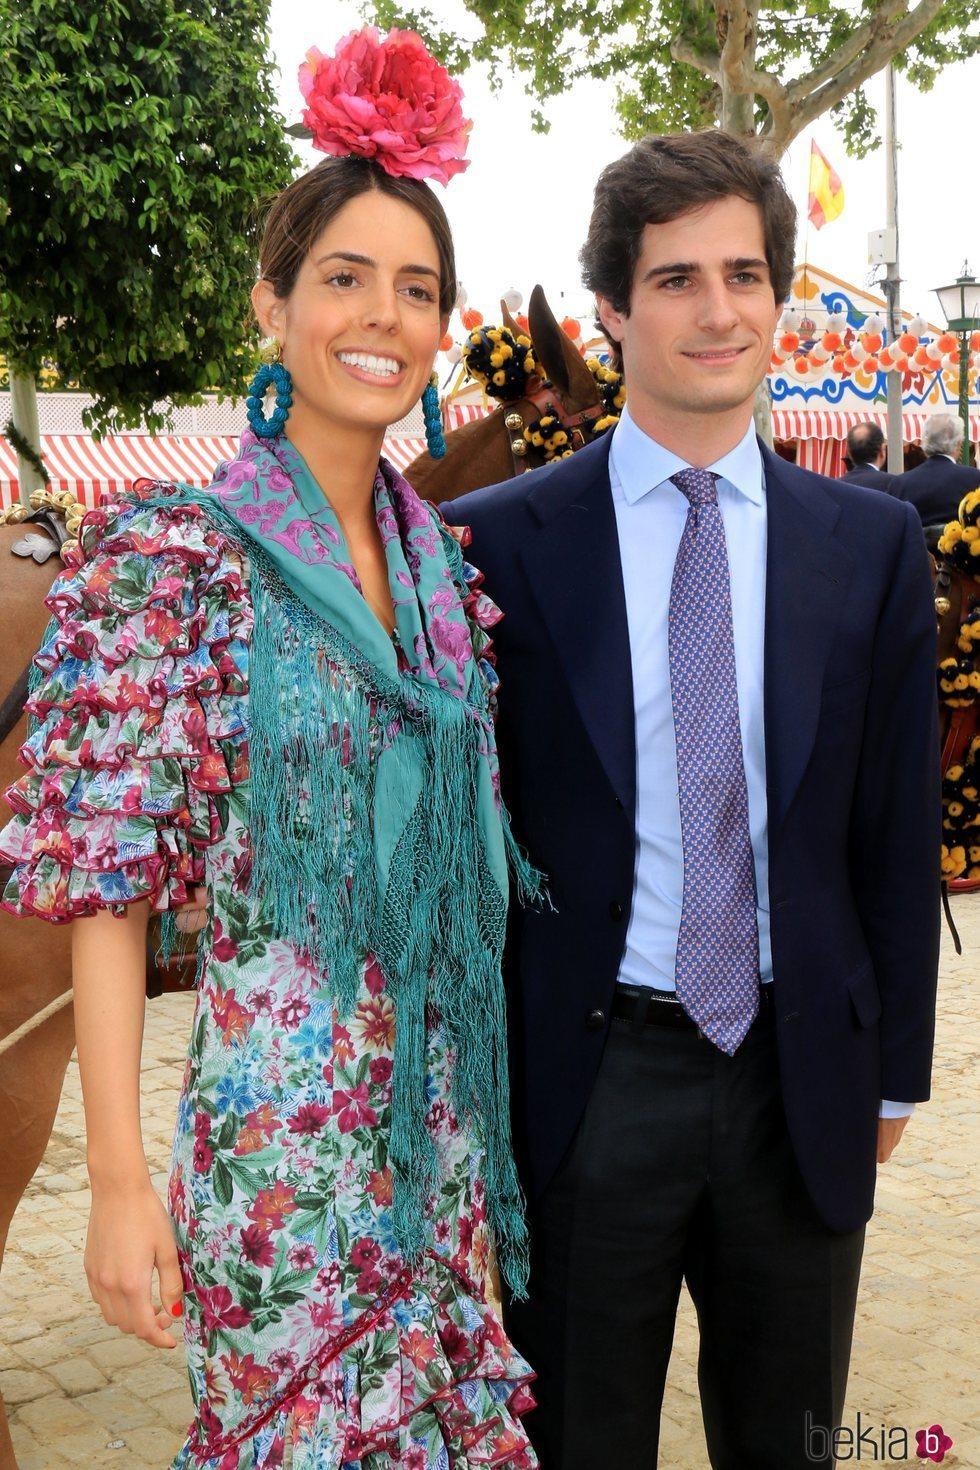 El Duque de Huéscar, Fernando Fitz-James, junto a Sofía Palazuelo en la Feria de Abril 2018